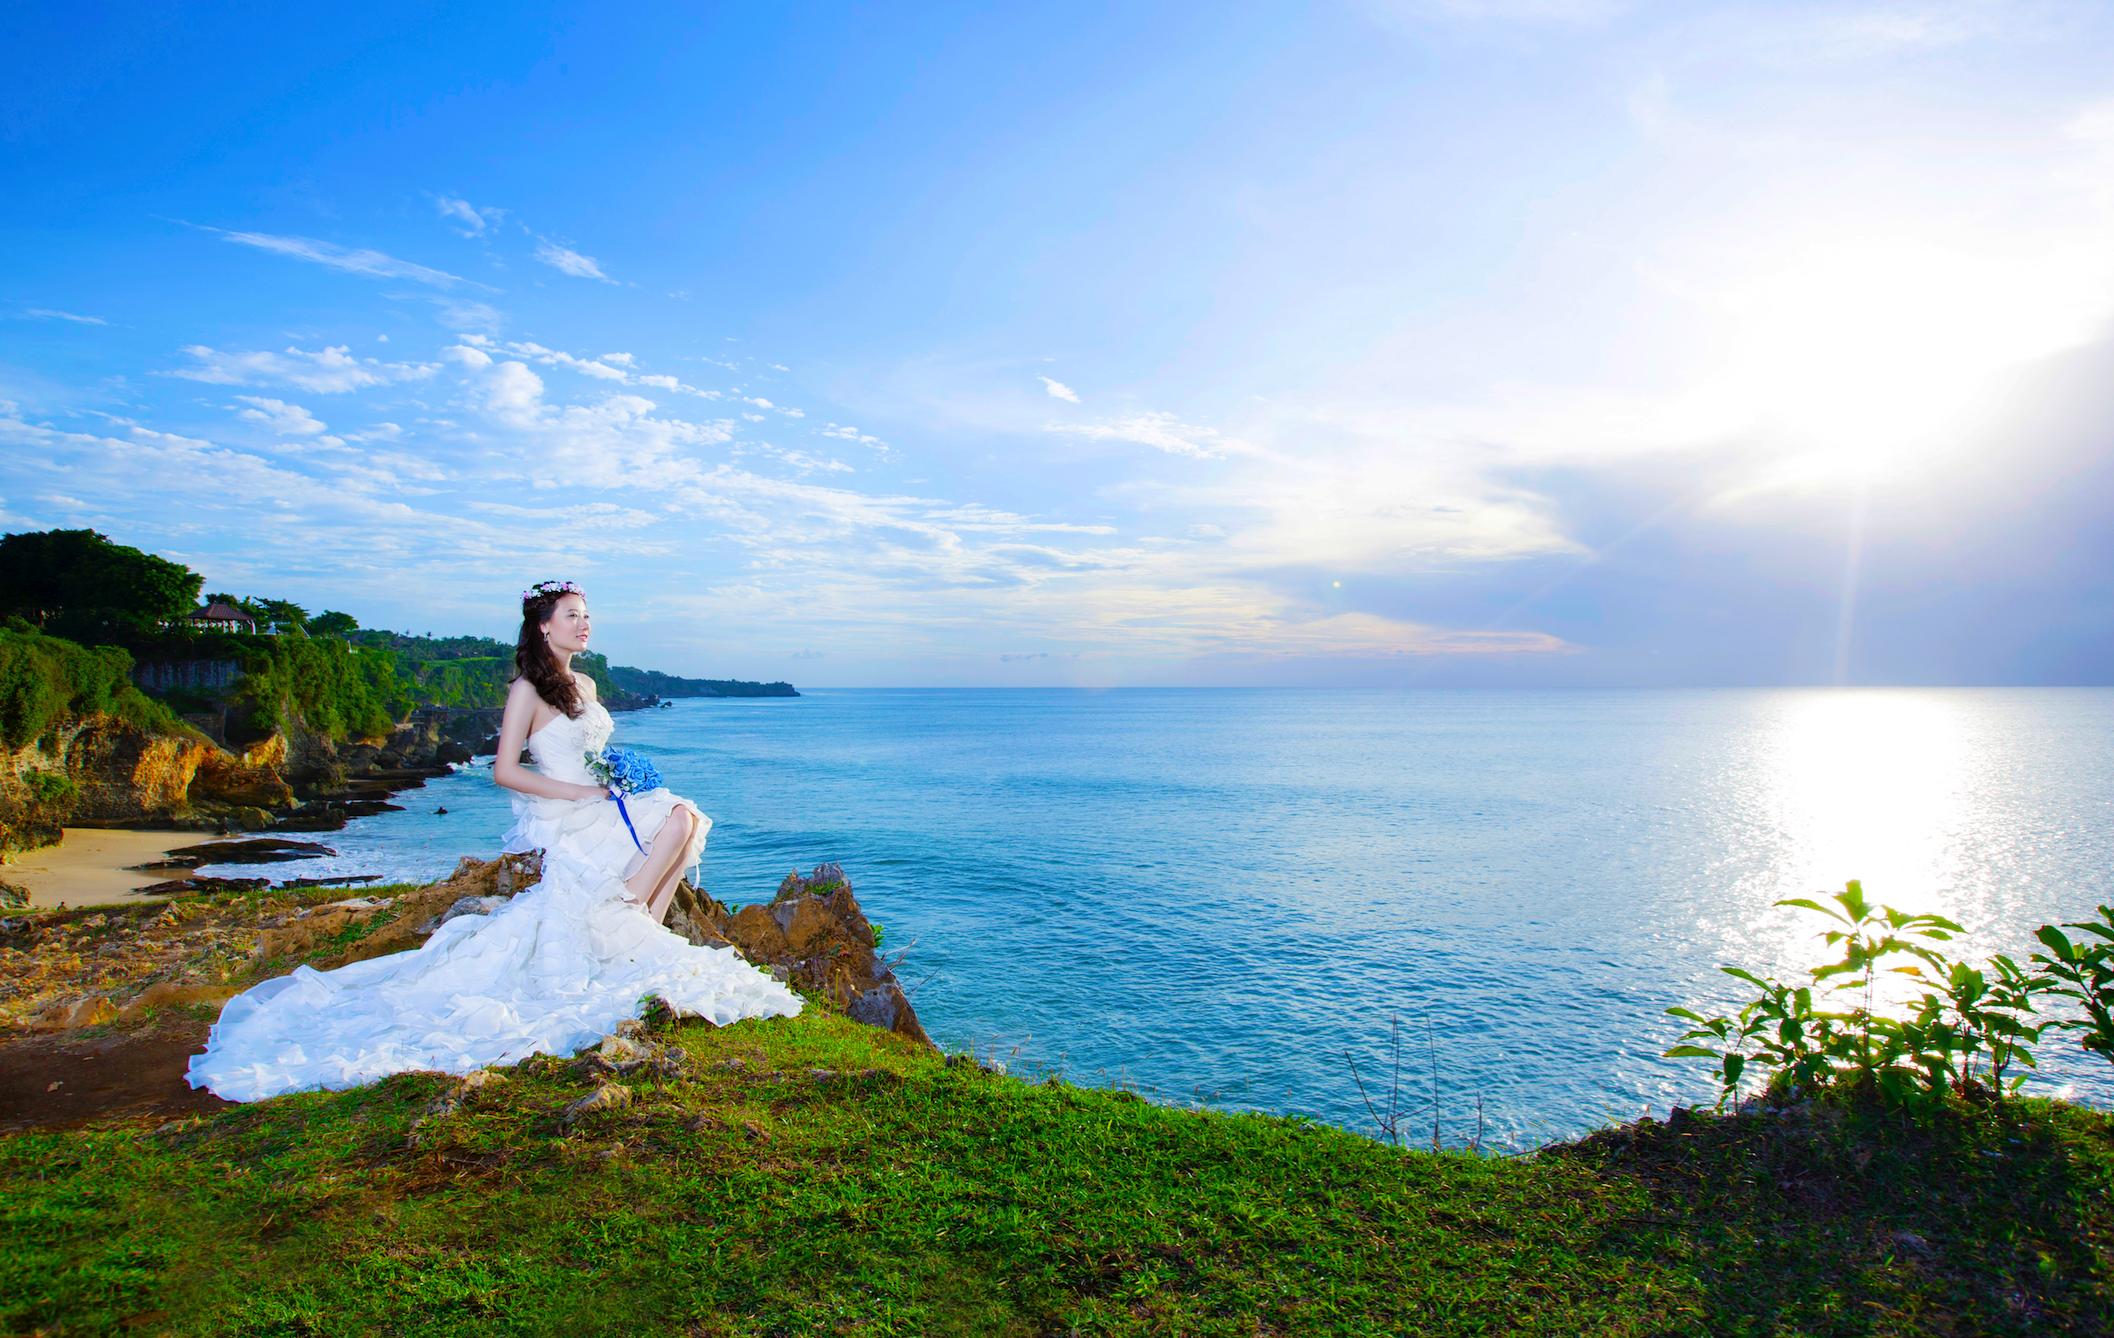 巴厘岛6日4晚私家团(5钻)·南纬8度の海岛婚纱摄影之